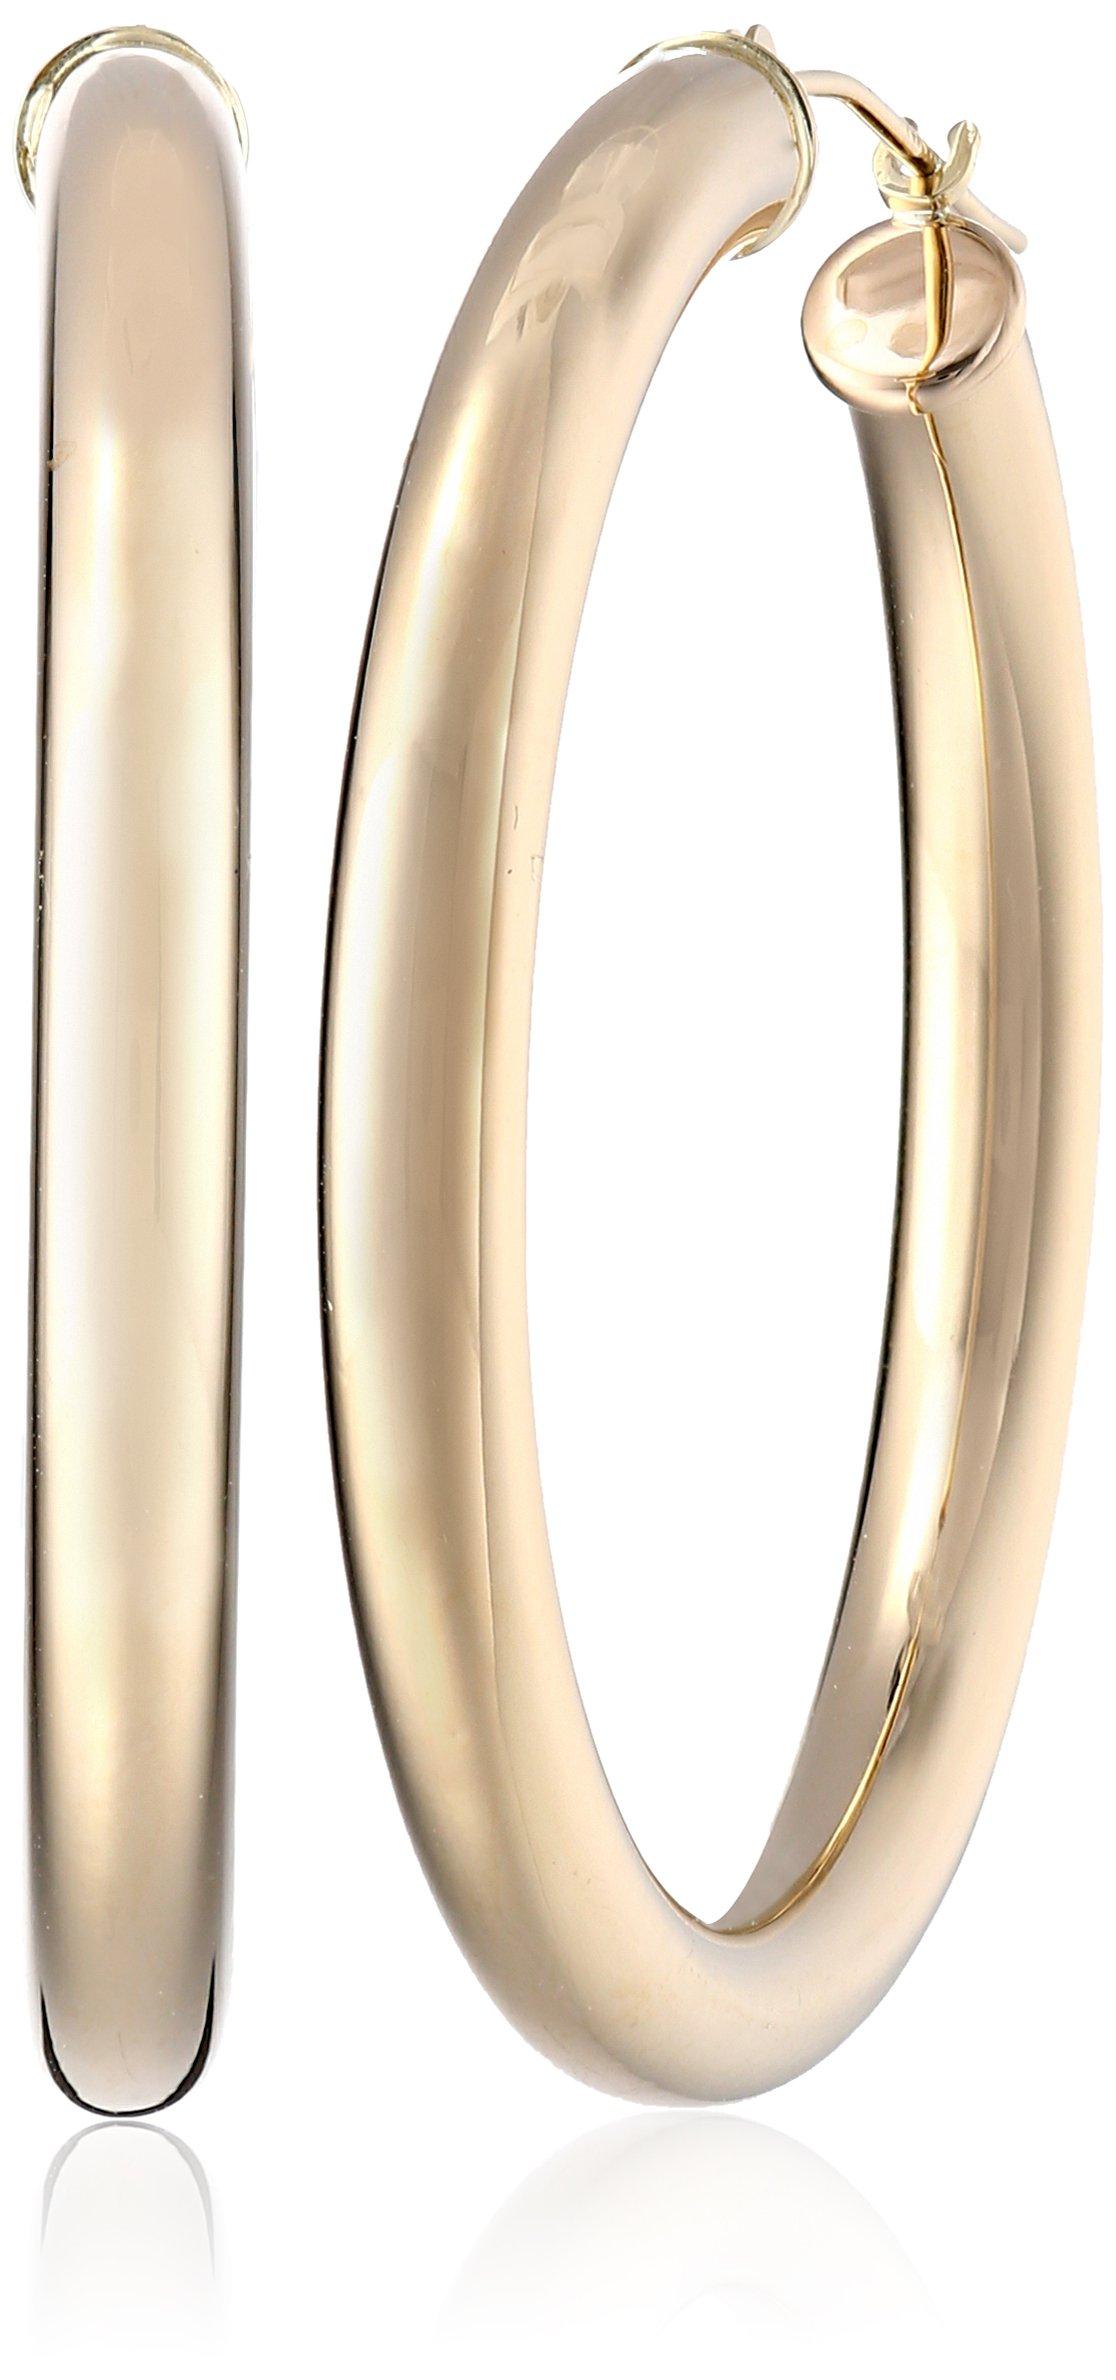 14k Yellow Gold Hoop Earrings, (1.4'' Diameter)